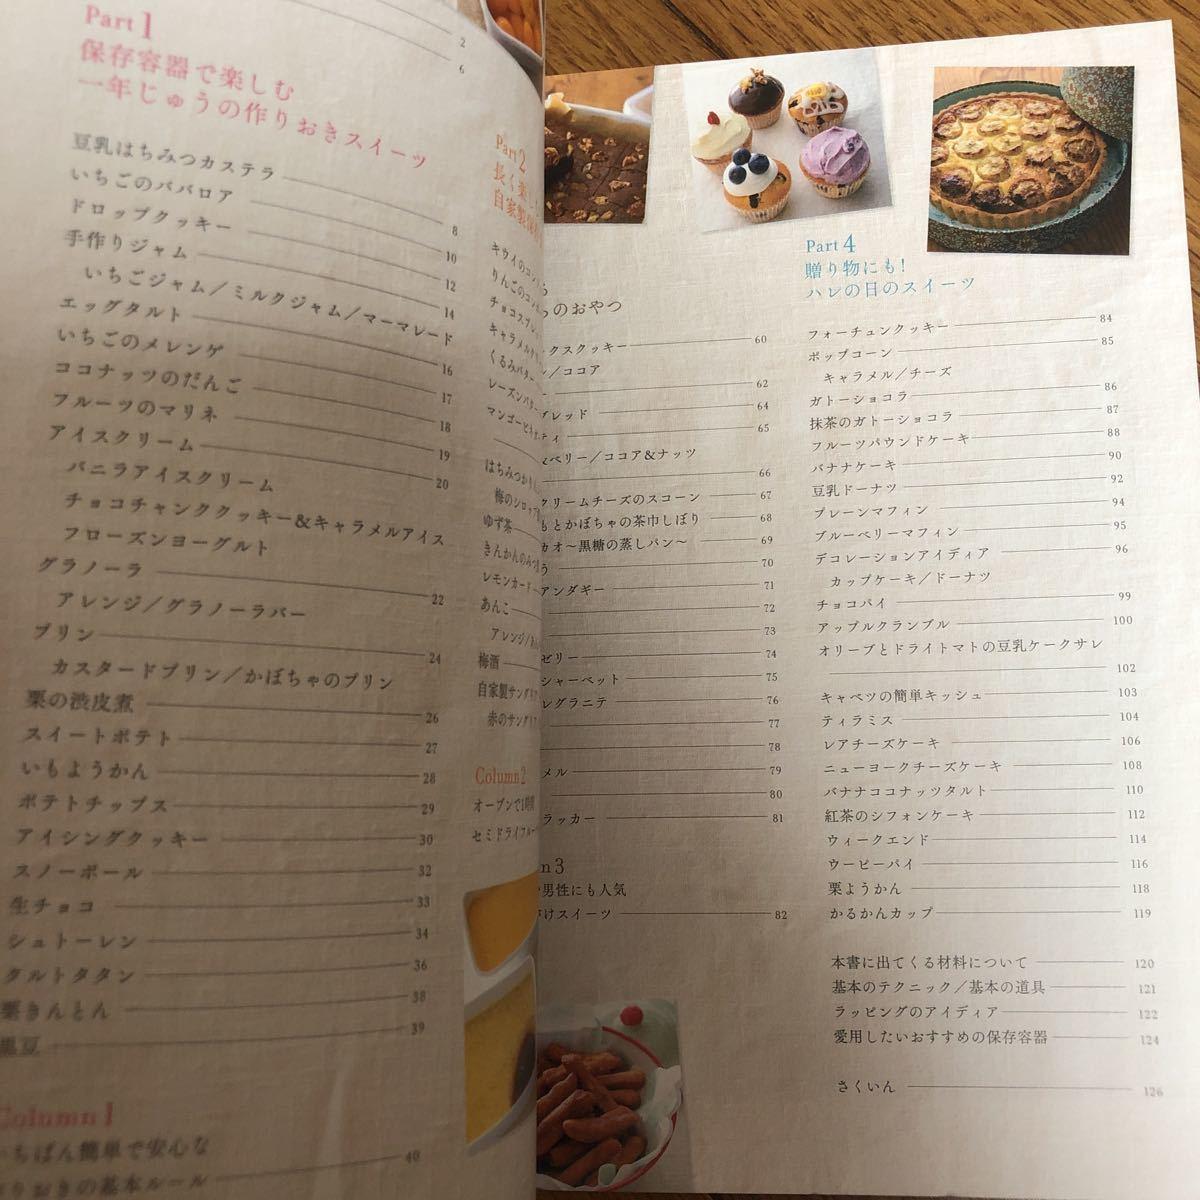 作りおきスイーツ☆お菓子のレシピ☆自家製のお菓子と保存食☆送料無料